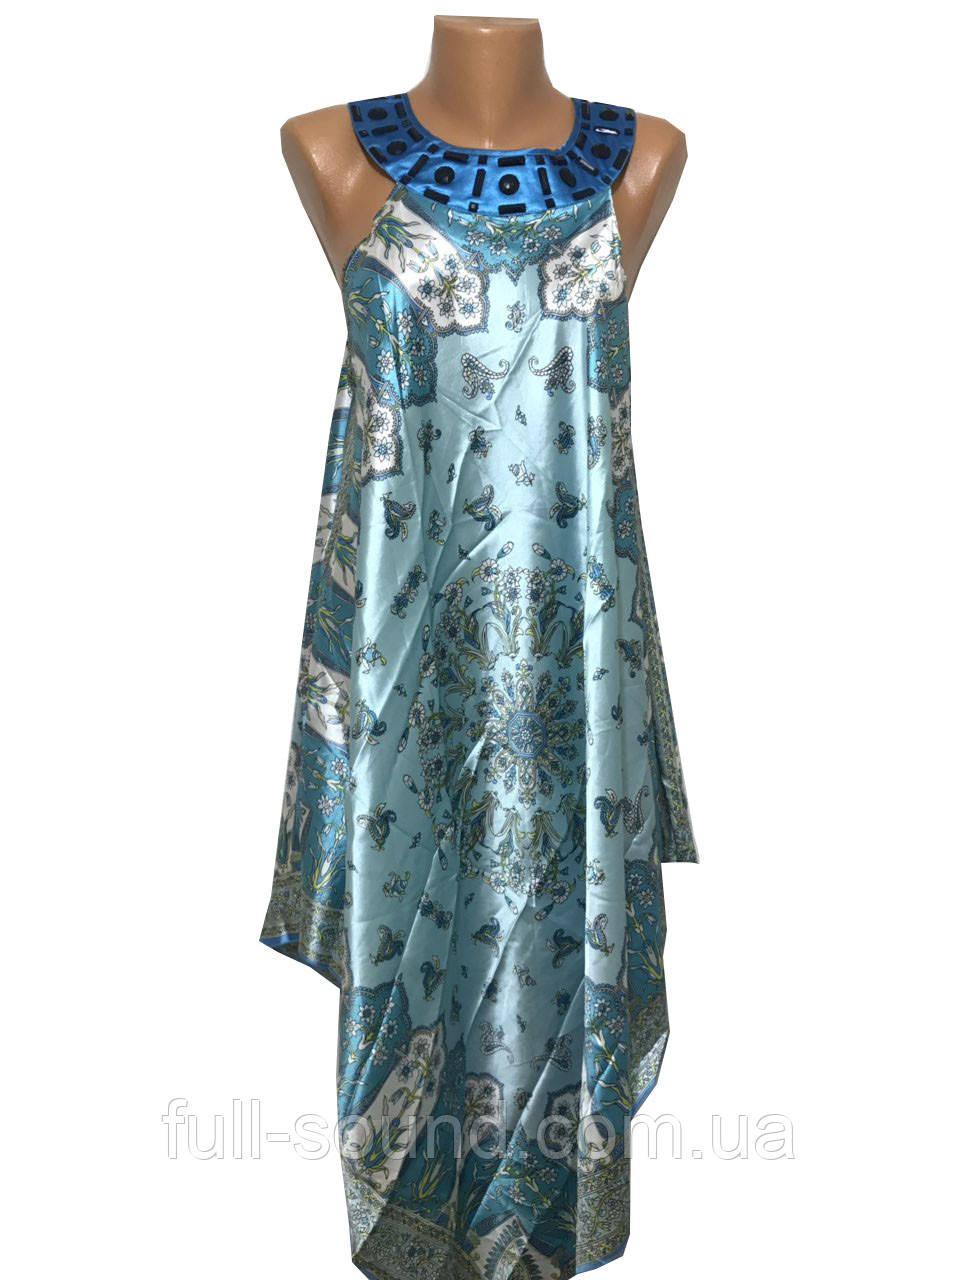 Шелковый сарафан платок со стразами